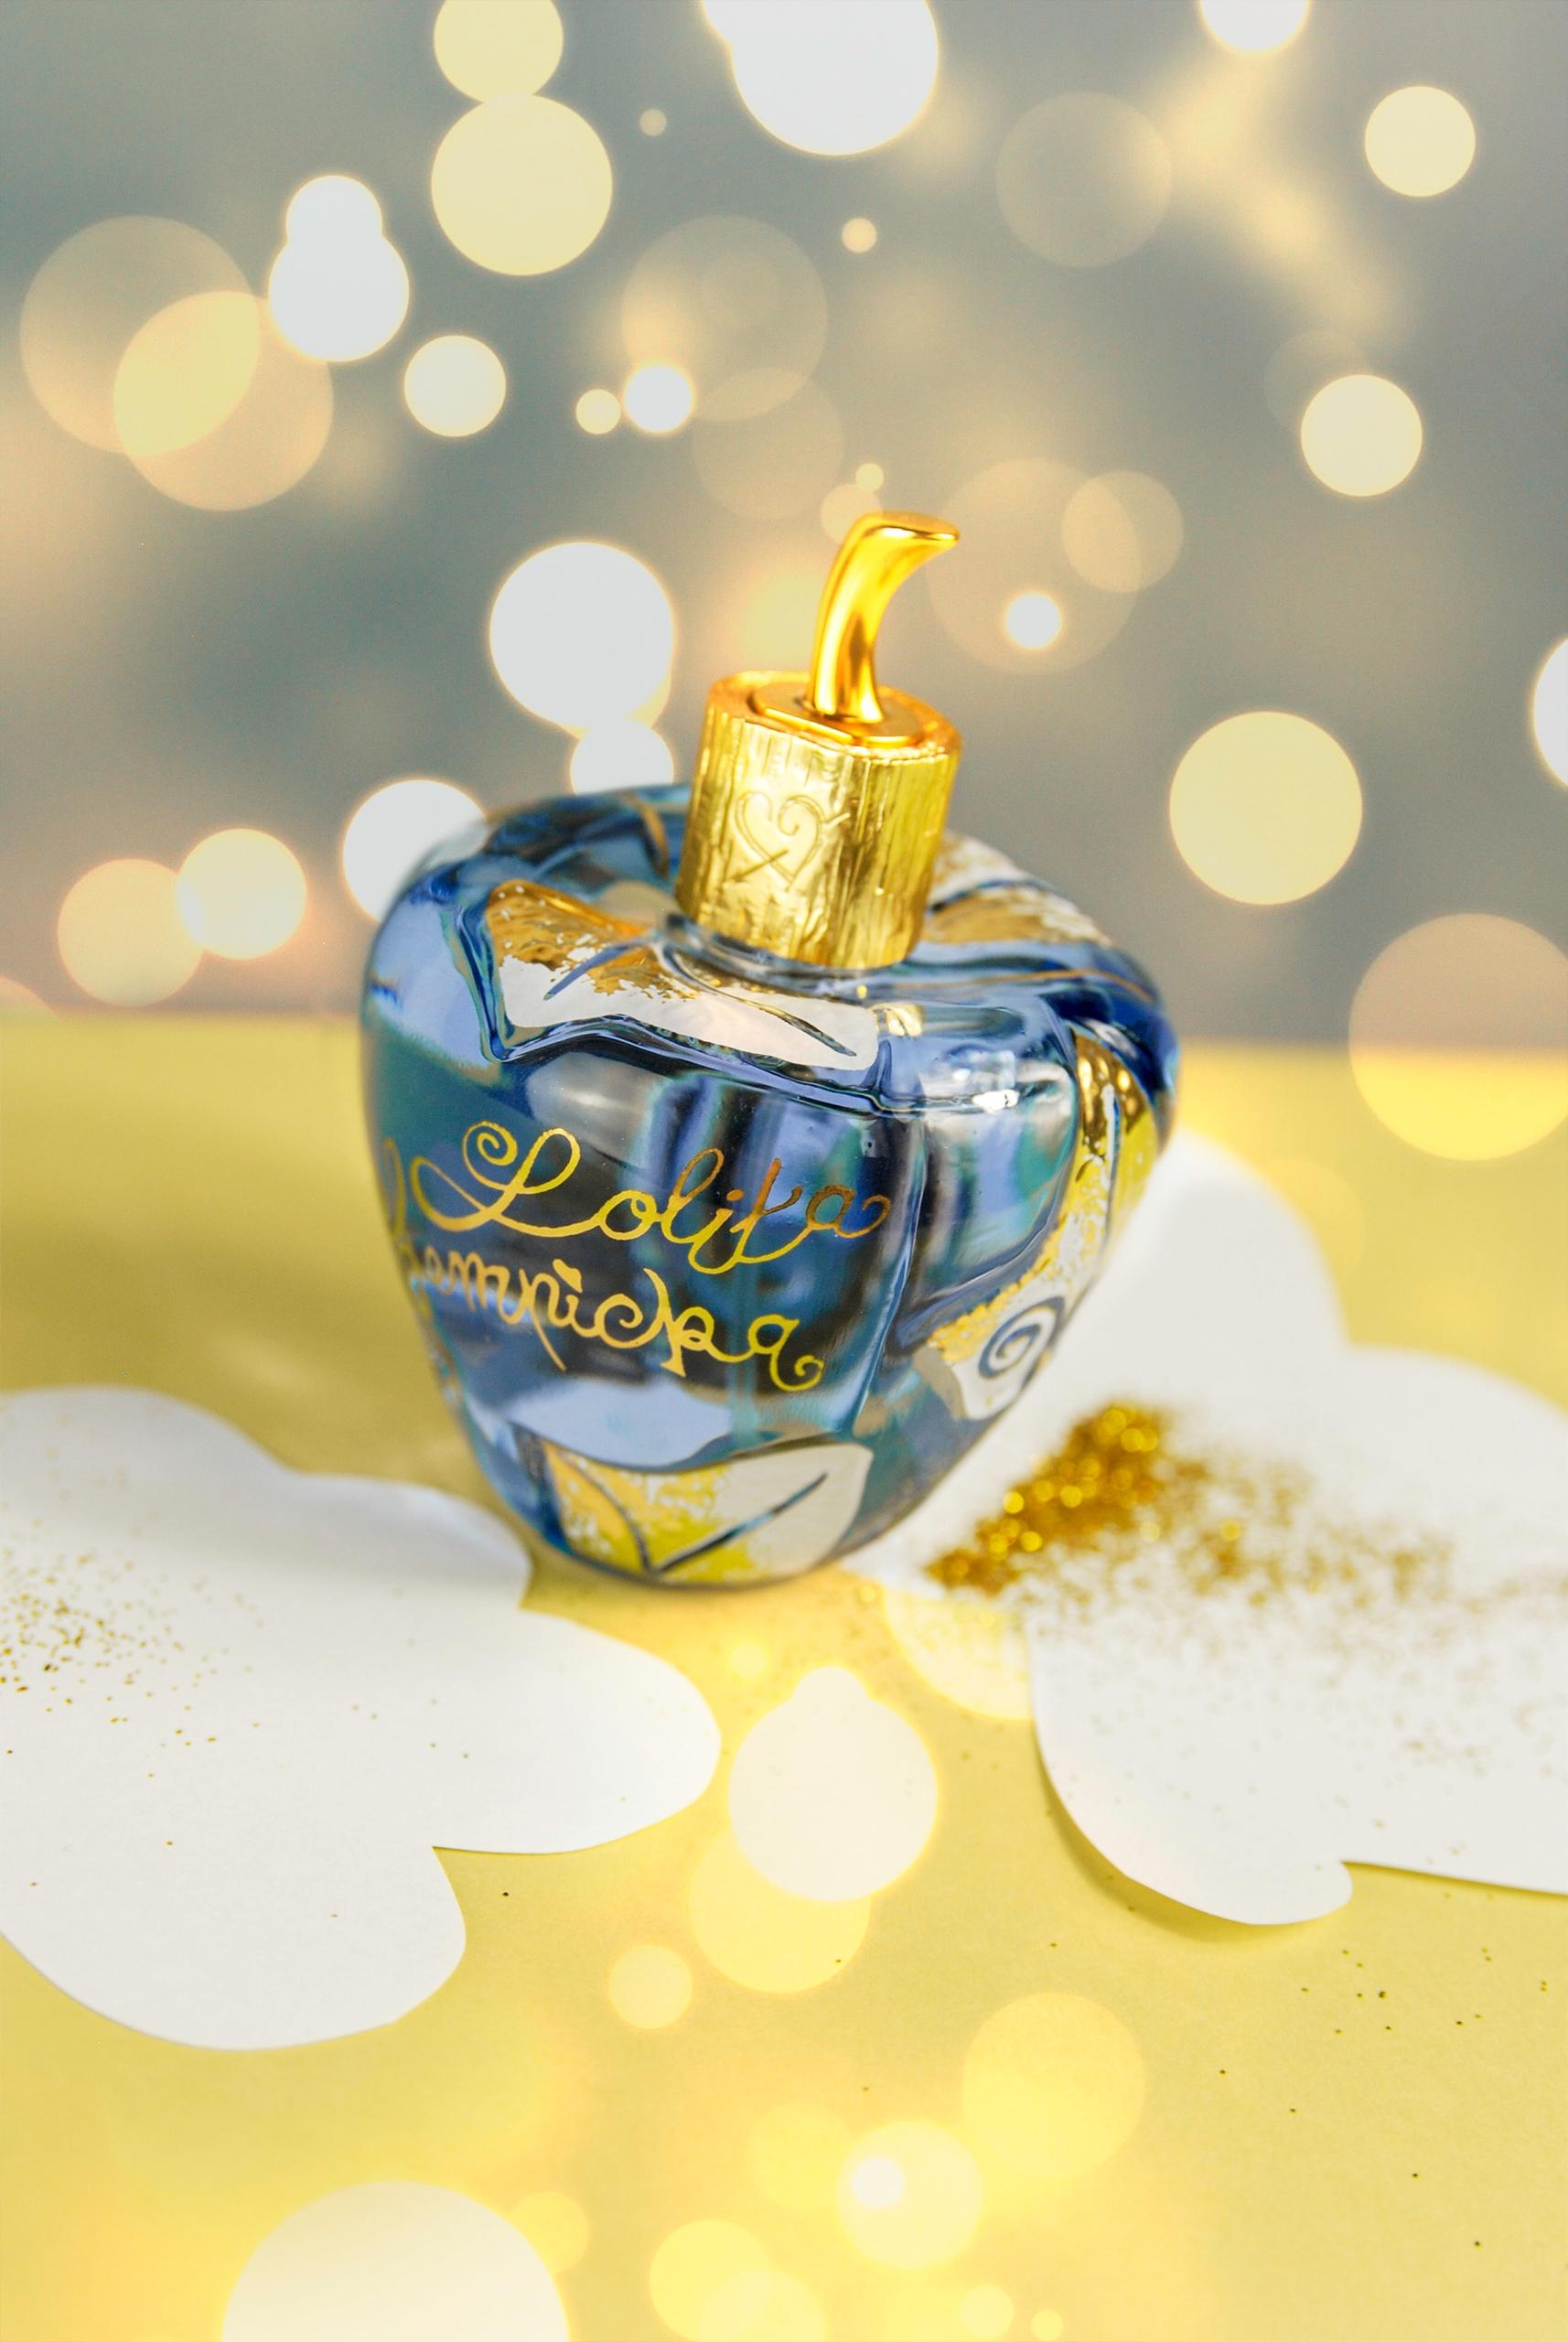 Zdjęcie przedstawia niebieski flakonik perfum ze złotymi elementami. Na zdjęciu widoczne są efekty świetlne.